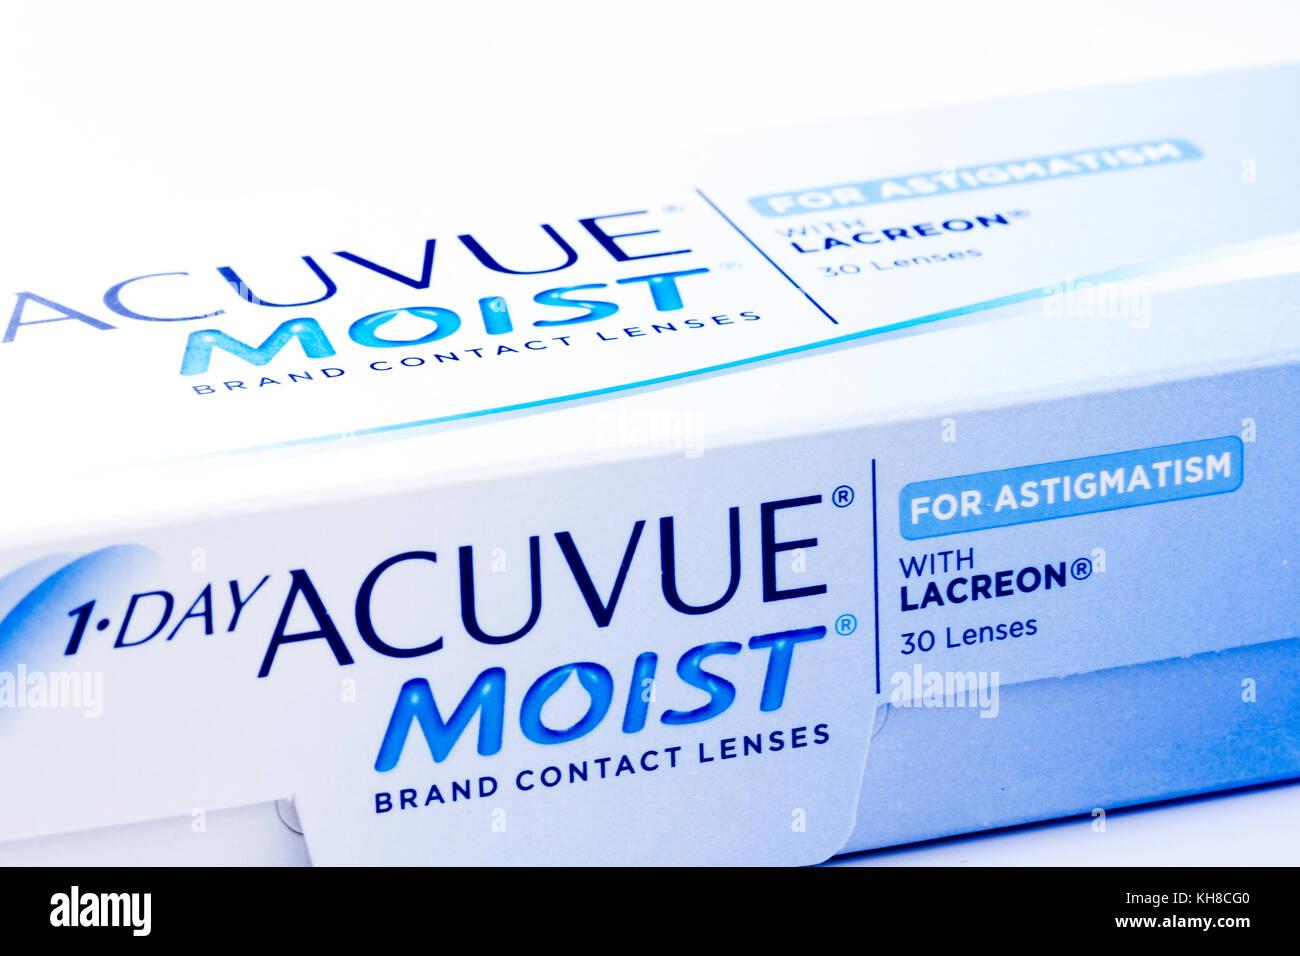 ad477148f5 Cerca de una caja de 1-DAY ACUVUE MOIST lentes de contacto desechables  diarias para el astigmatismo, Reino Unido